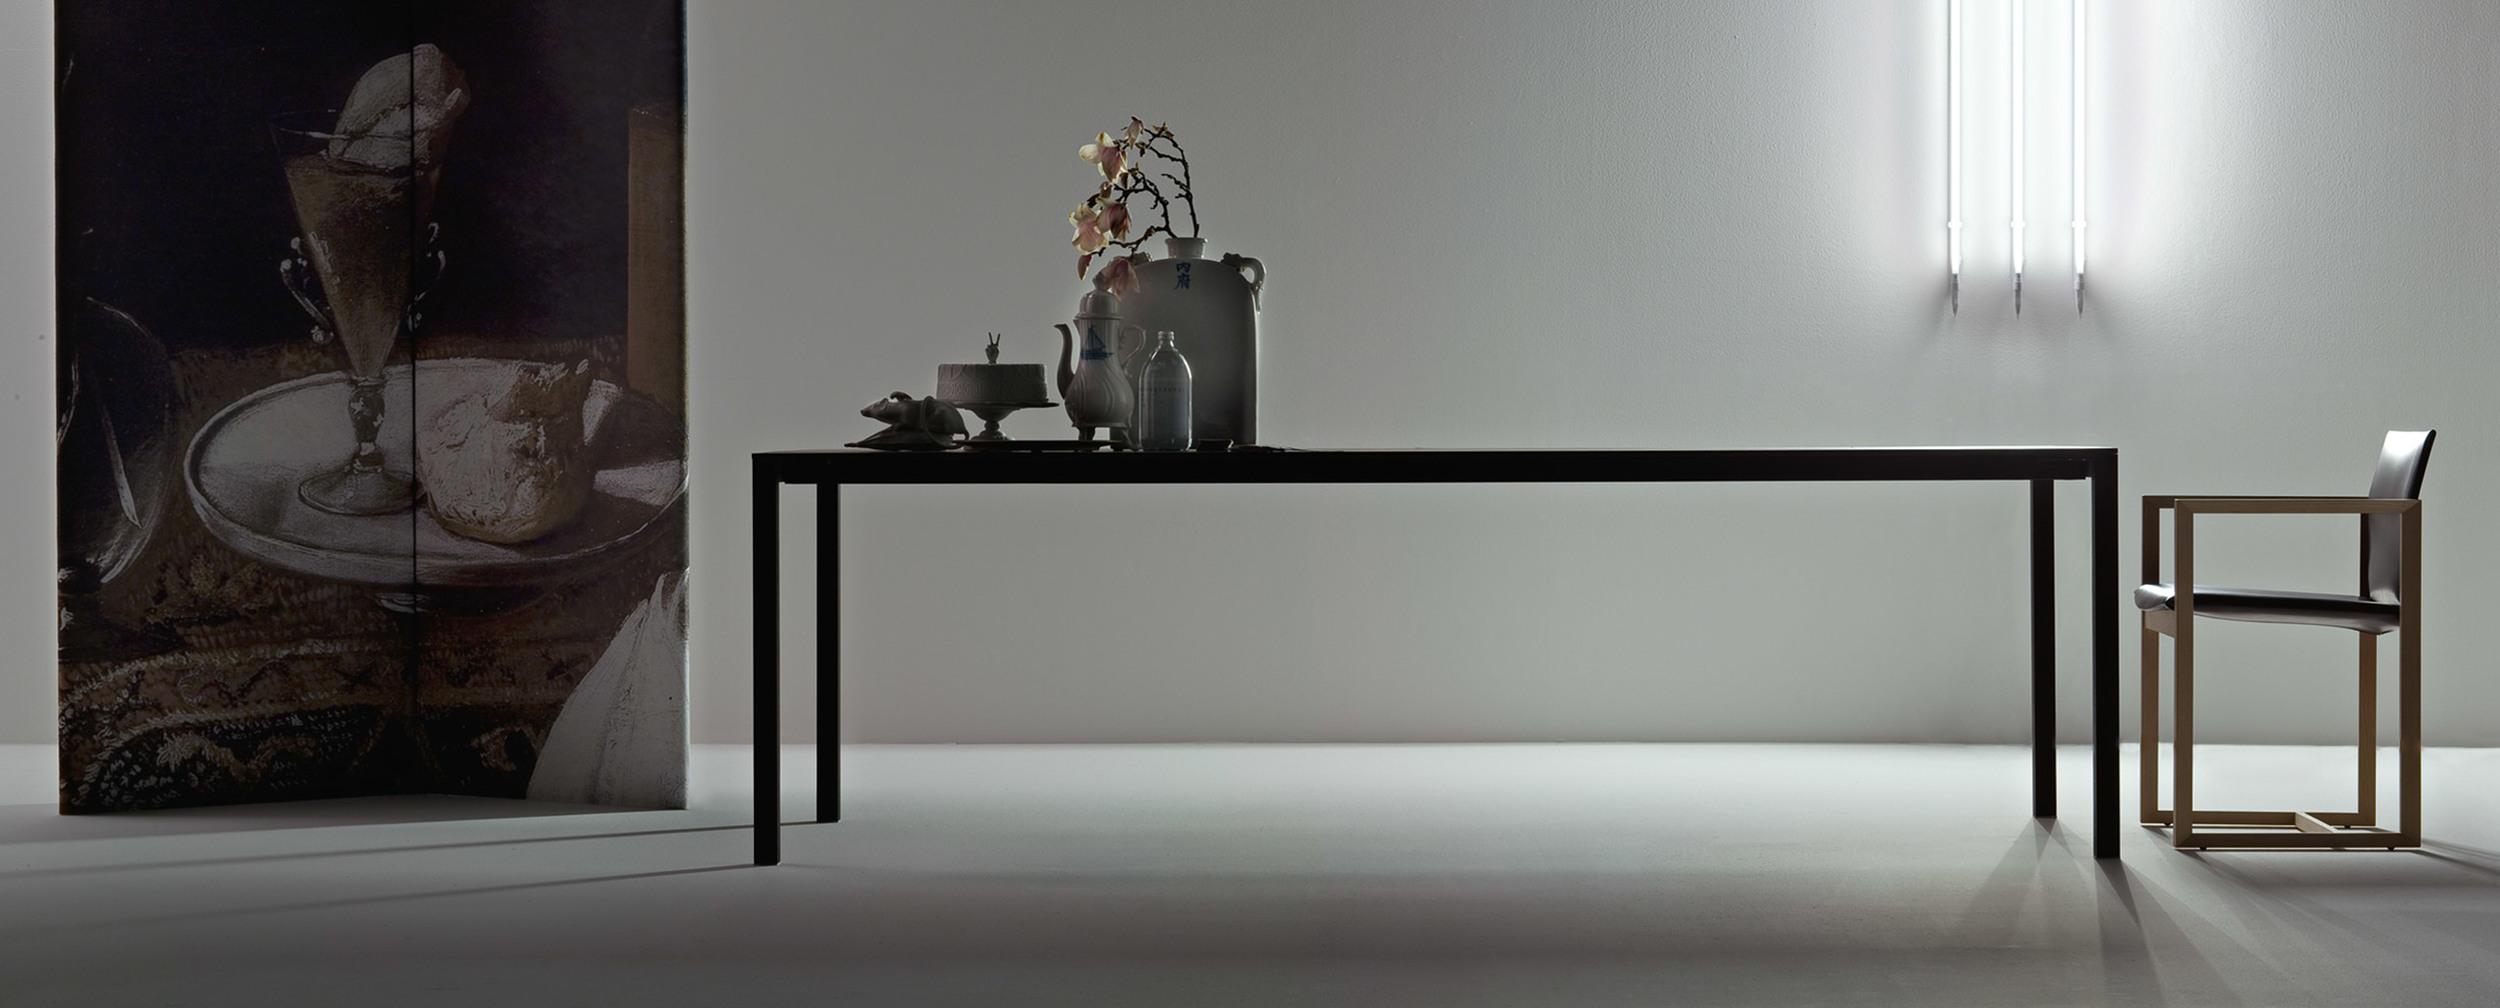 195_naan_5 Cassina Loncin design verlengbare tafel meubel zetel Leuven Brussels mechelen antwerpen vlaams-branbant Limburg Hasselt Tongeren Genk Sint-Truiden Zoutleeuw.jpg